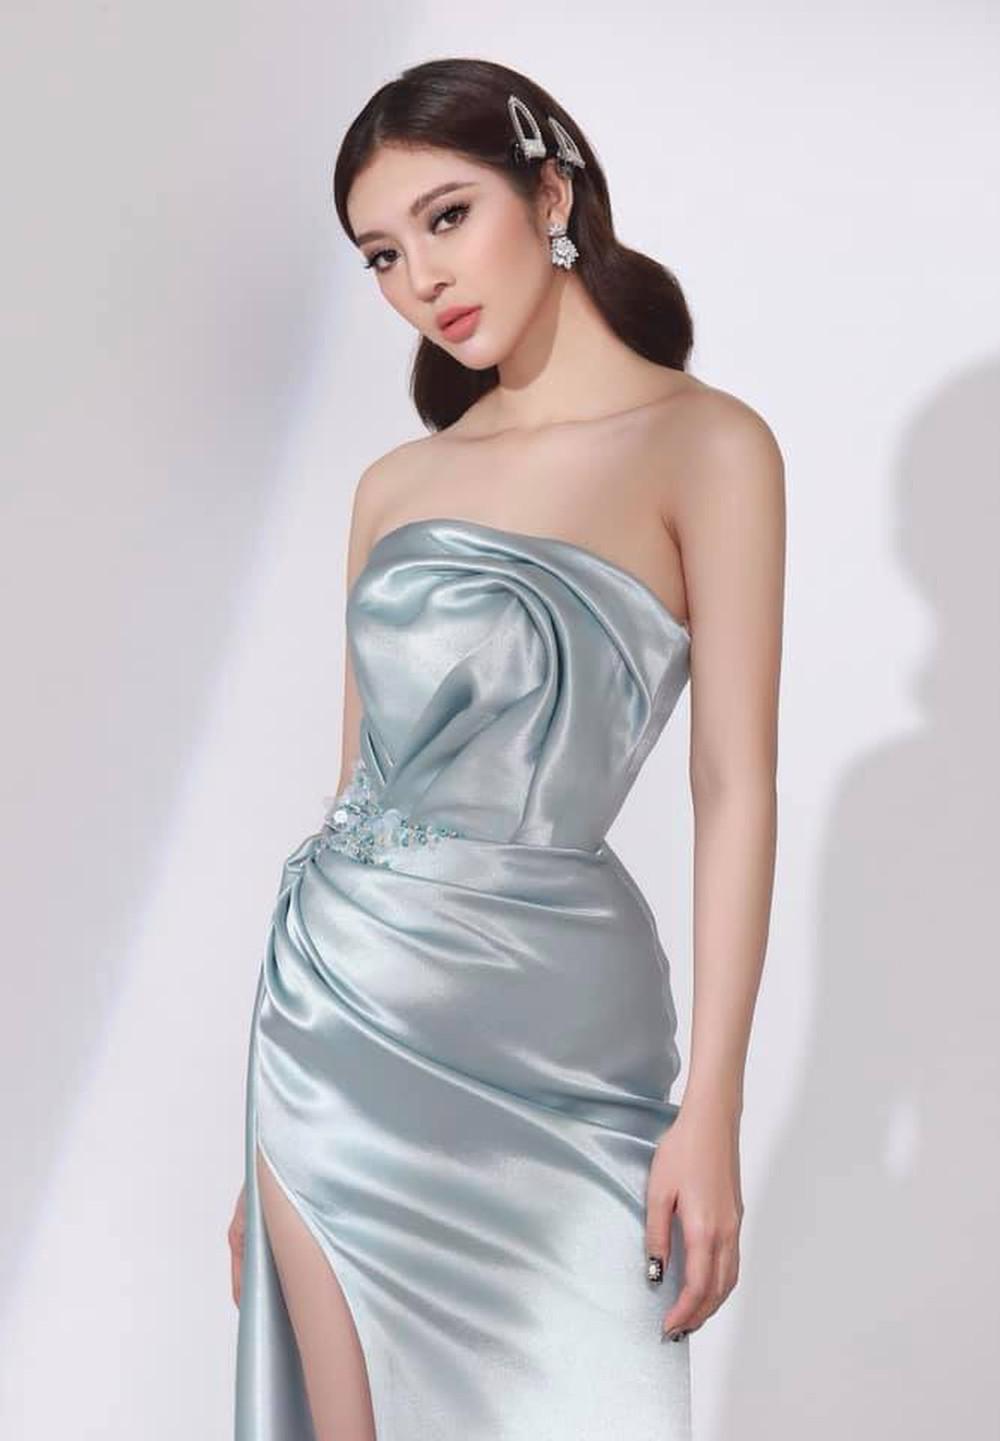 Dàn thí sinh nóng bỏng ghi danh Hoa hậu Hoàn vũ Việt Nam 2019, mỹ nhân nào sẽ tiếp bước HHen Niê trên trường quốc tế? - Ảnh 6.